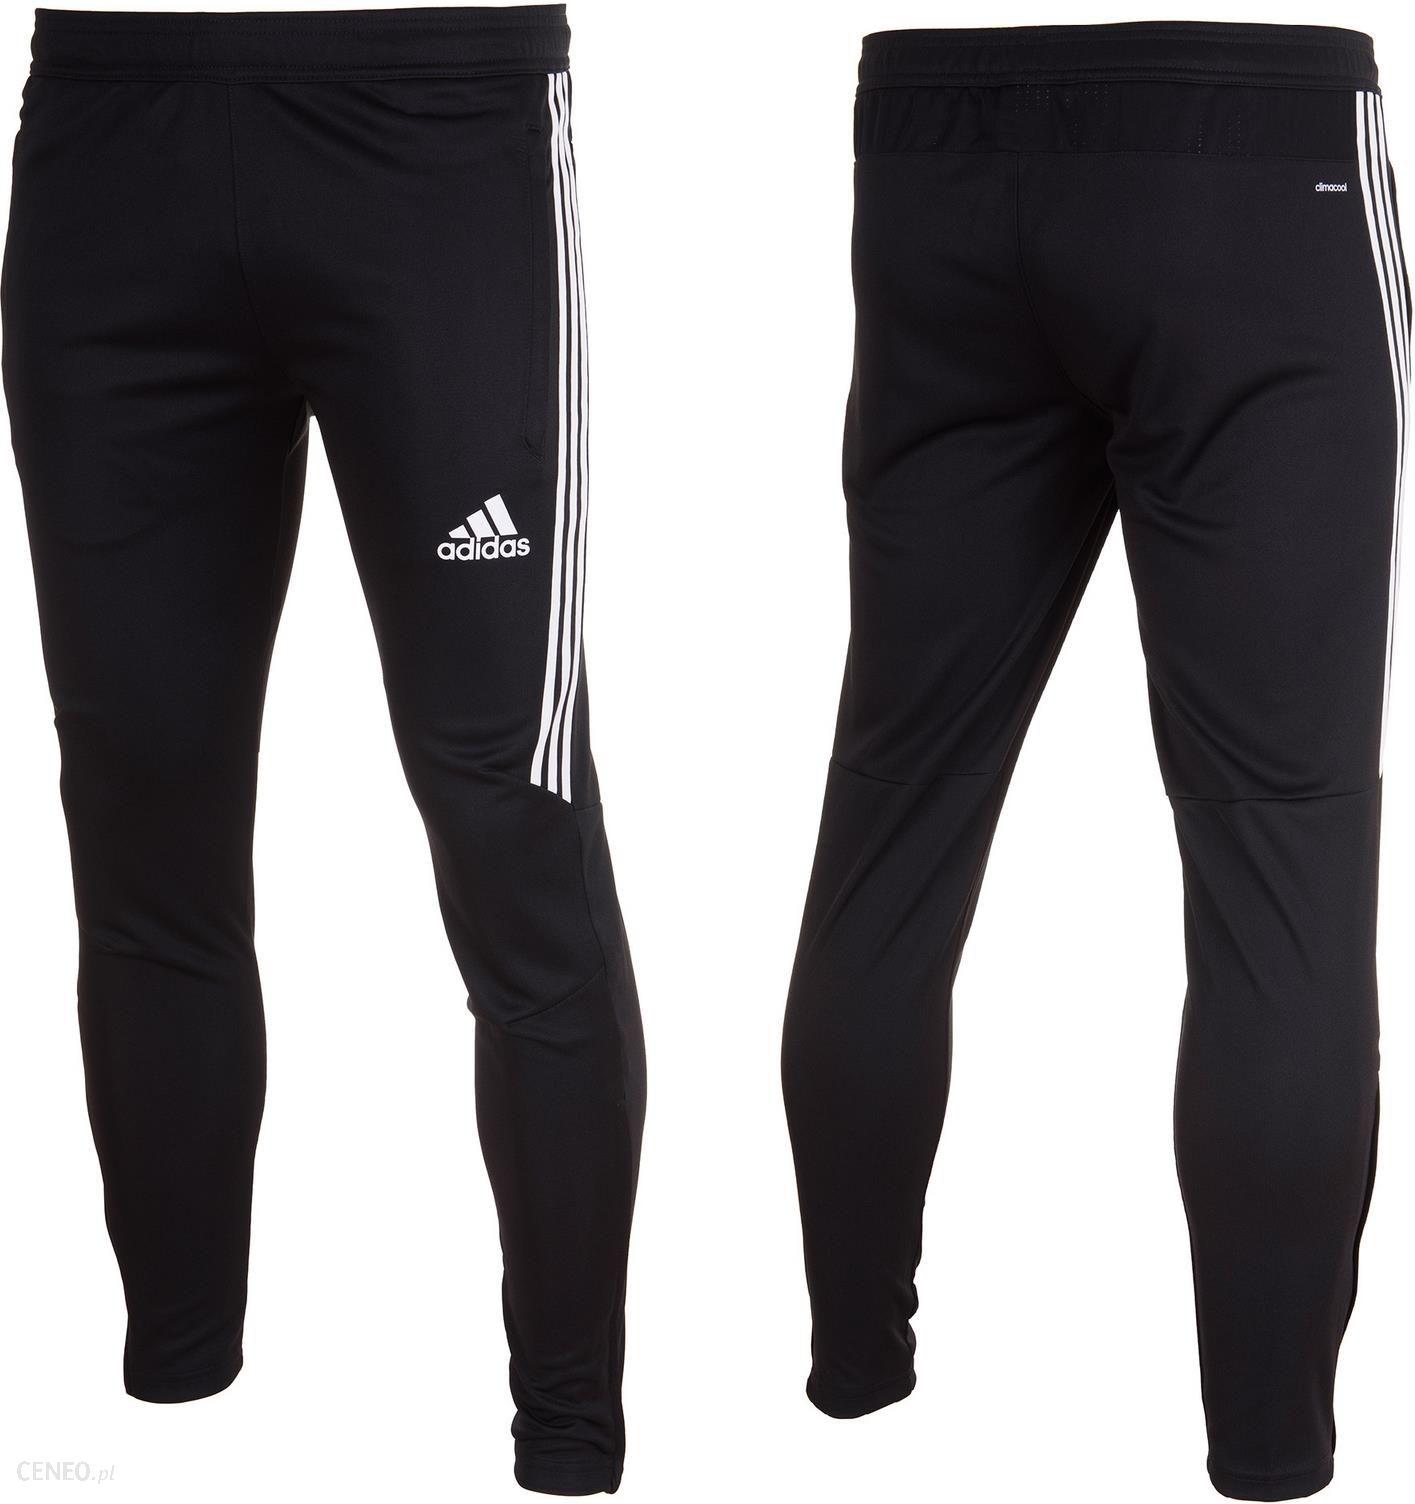 15875c8bb083e0 Adidas Spodnie Dresowe Dresy Męskie Tiro 17 XL - Ceny i opinie ...